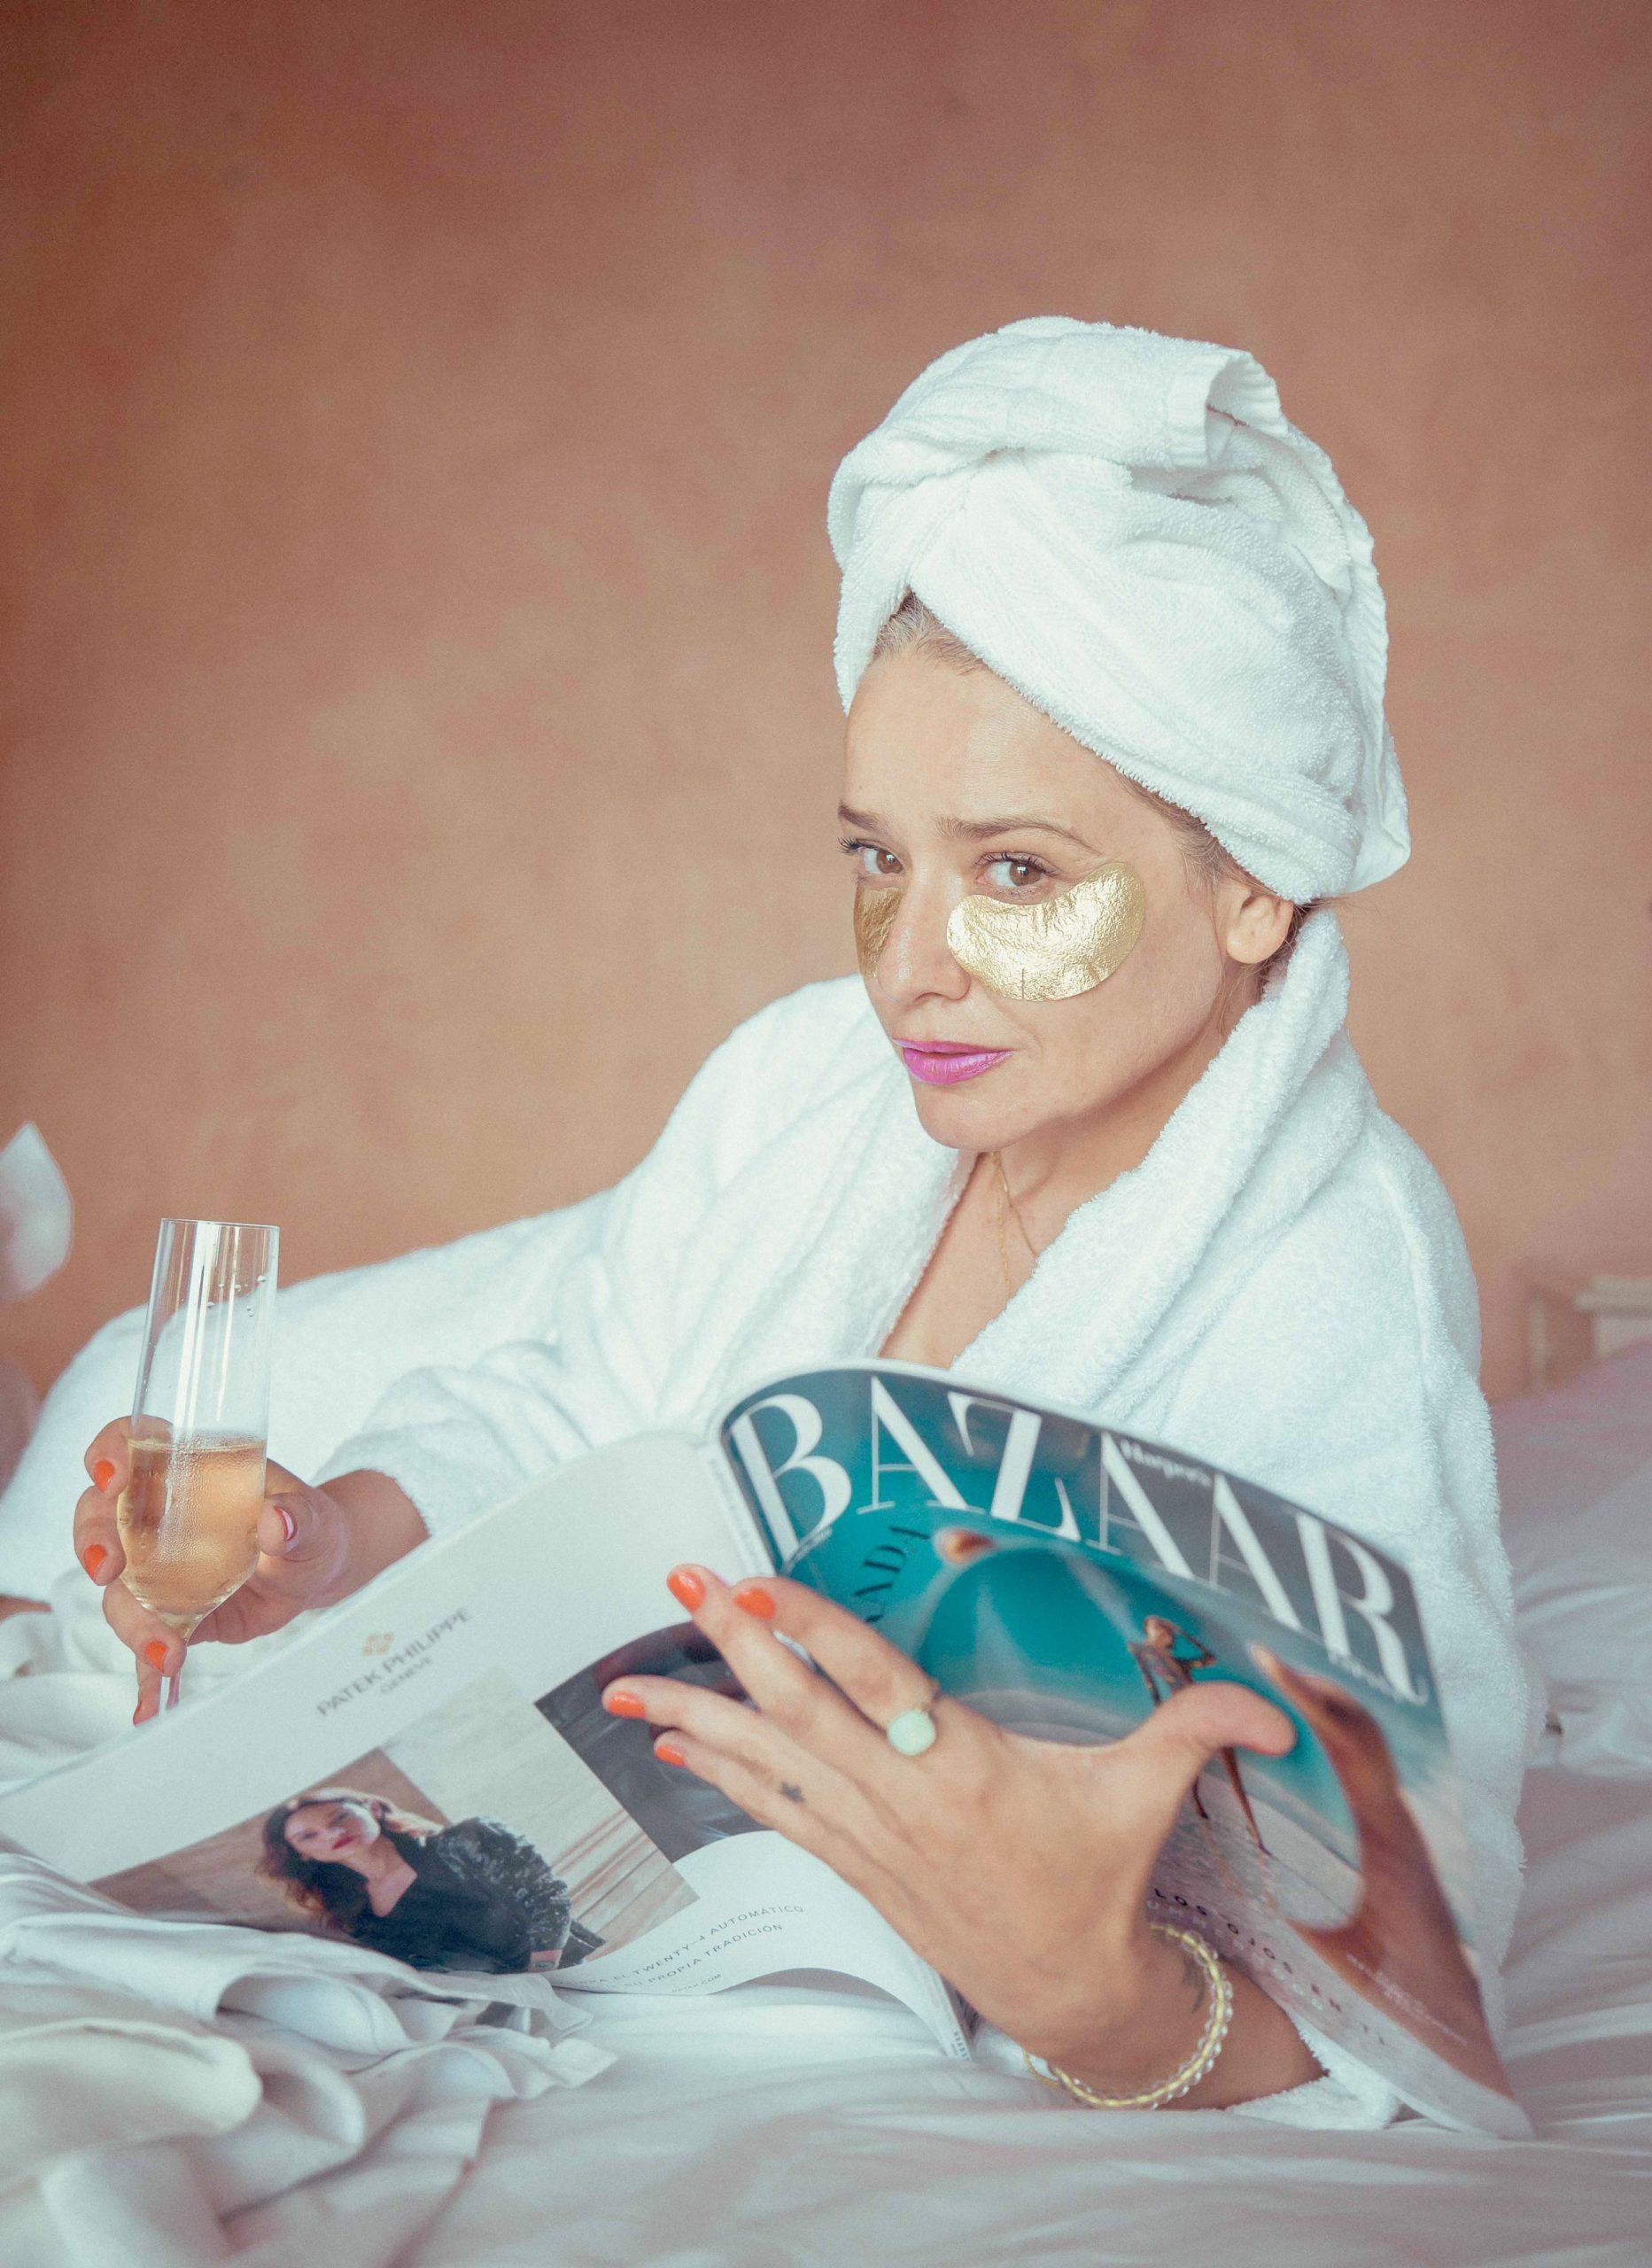 Arantza los productos de Iroha Nature durante un CosmetikTrip